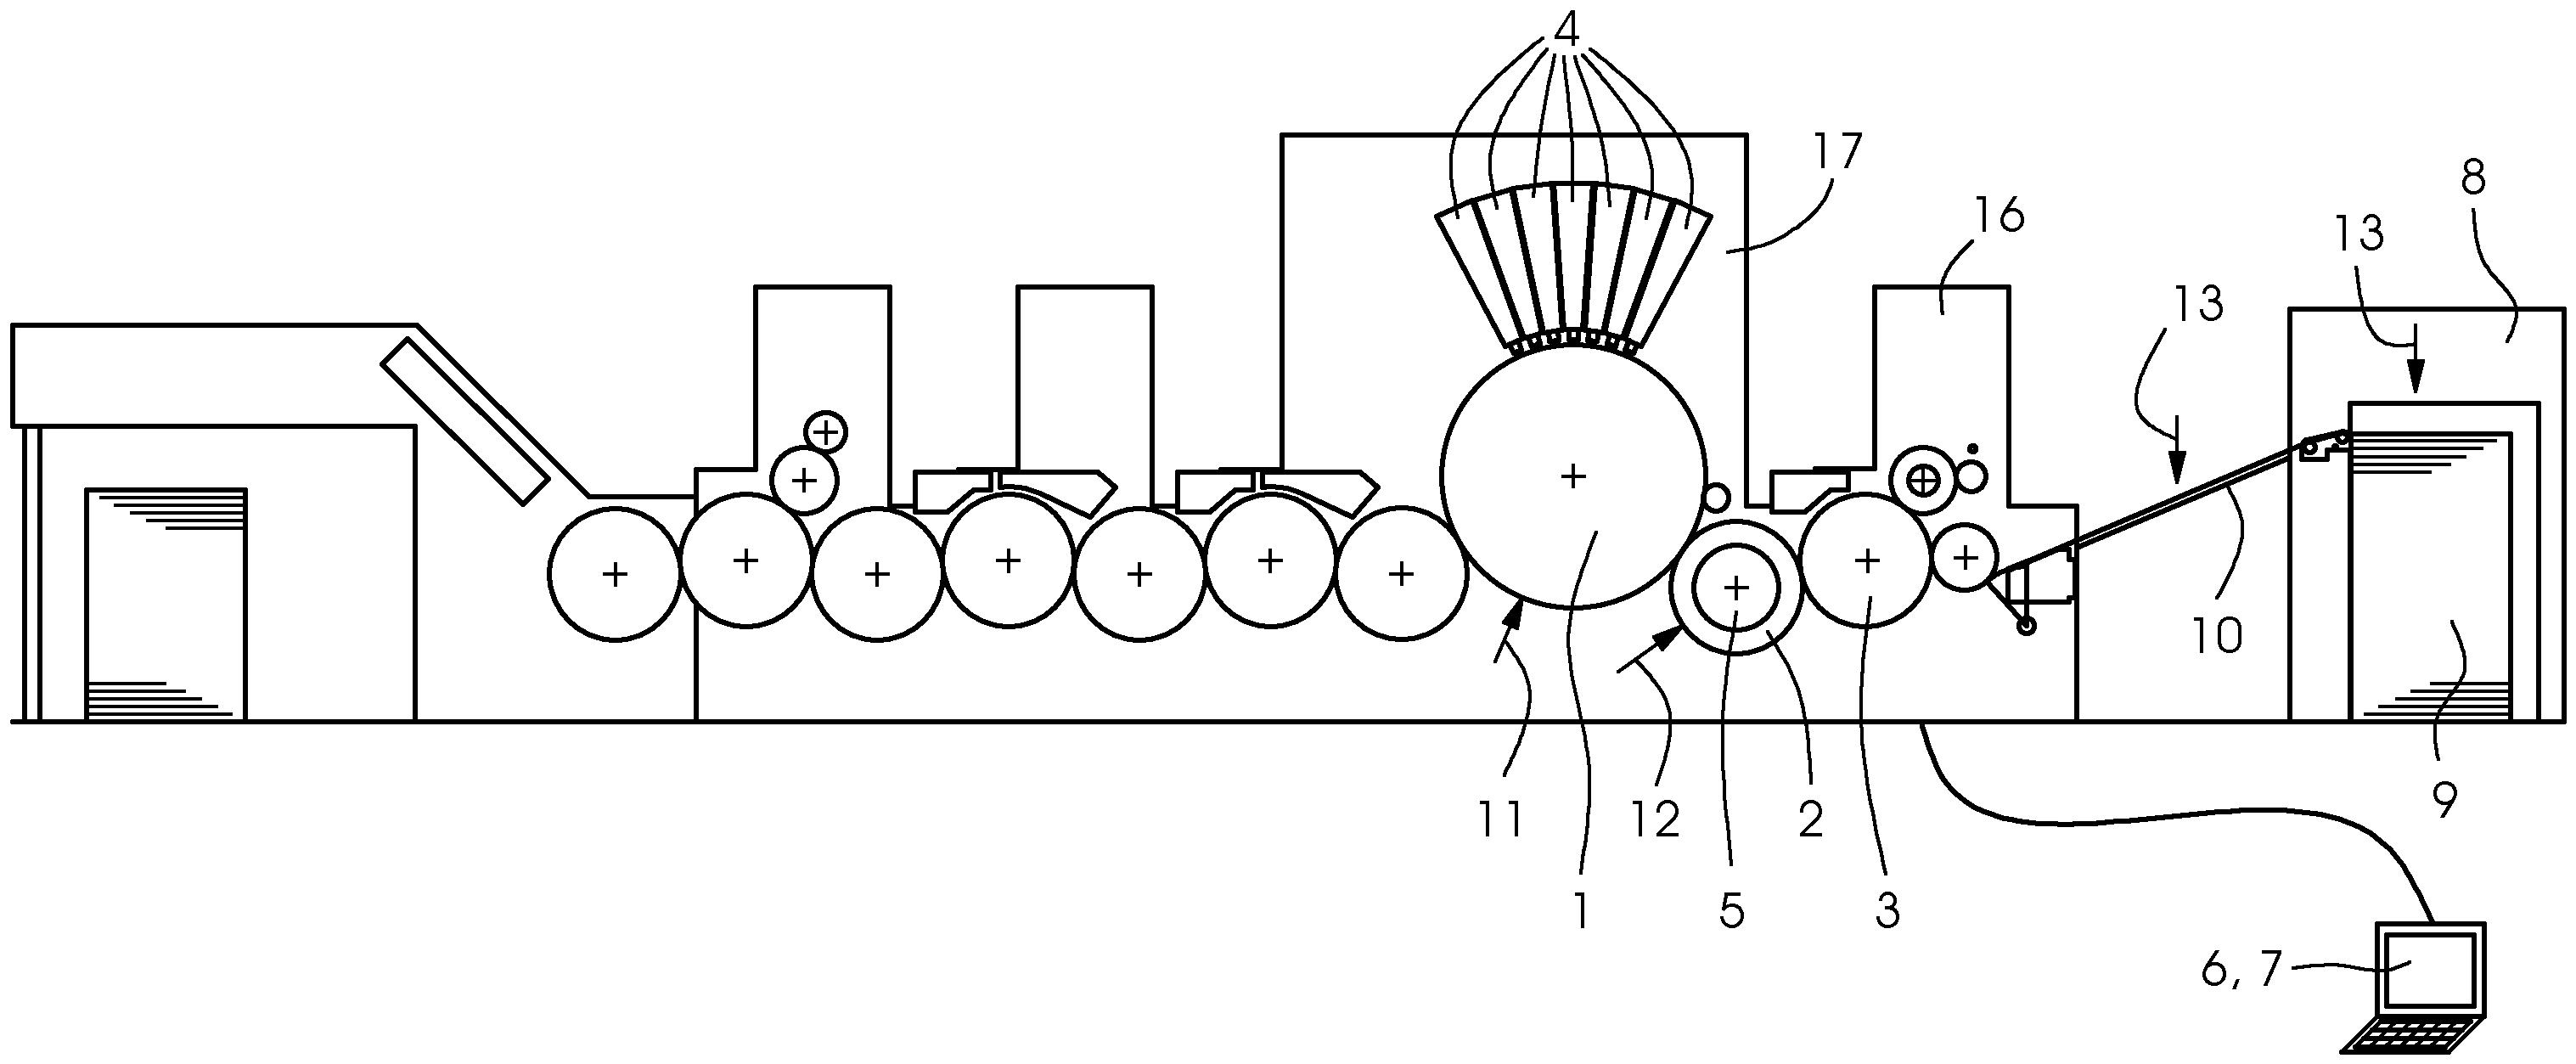 Figure DE102018205254A1_0000